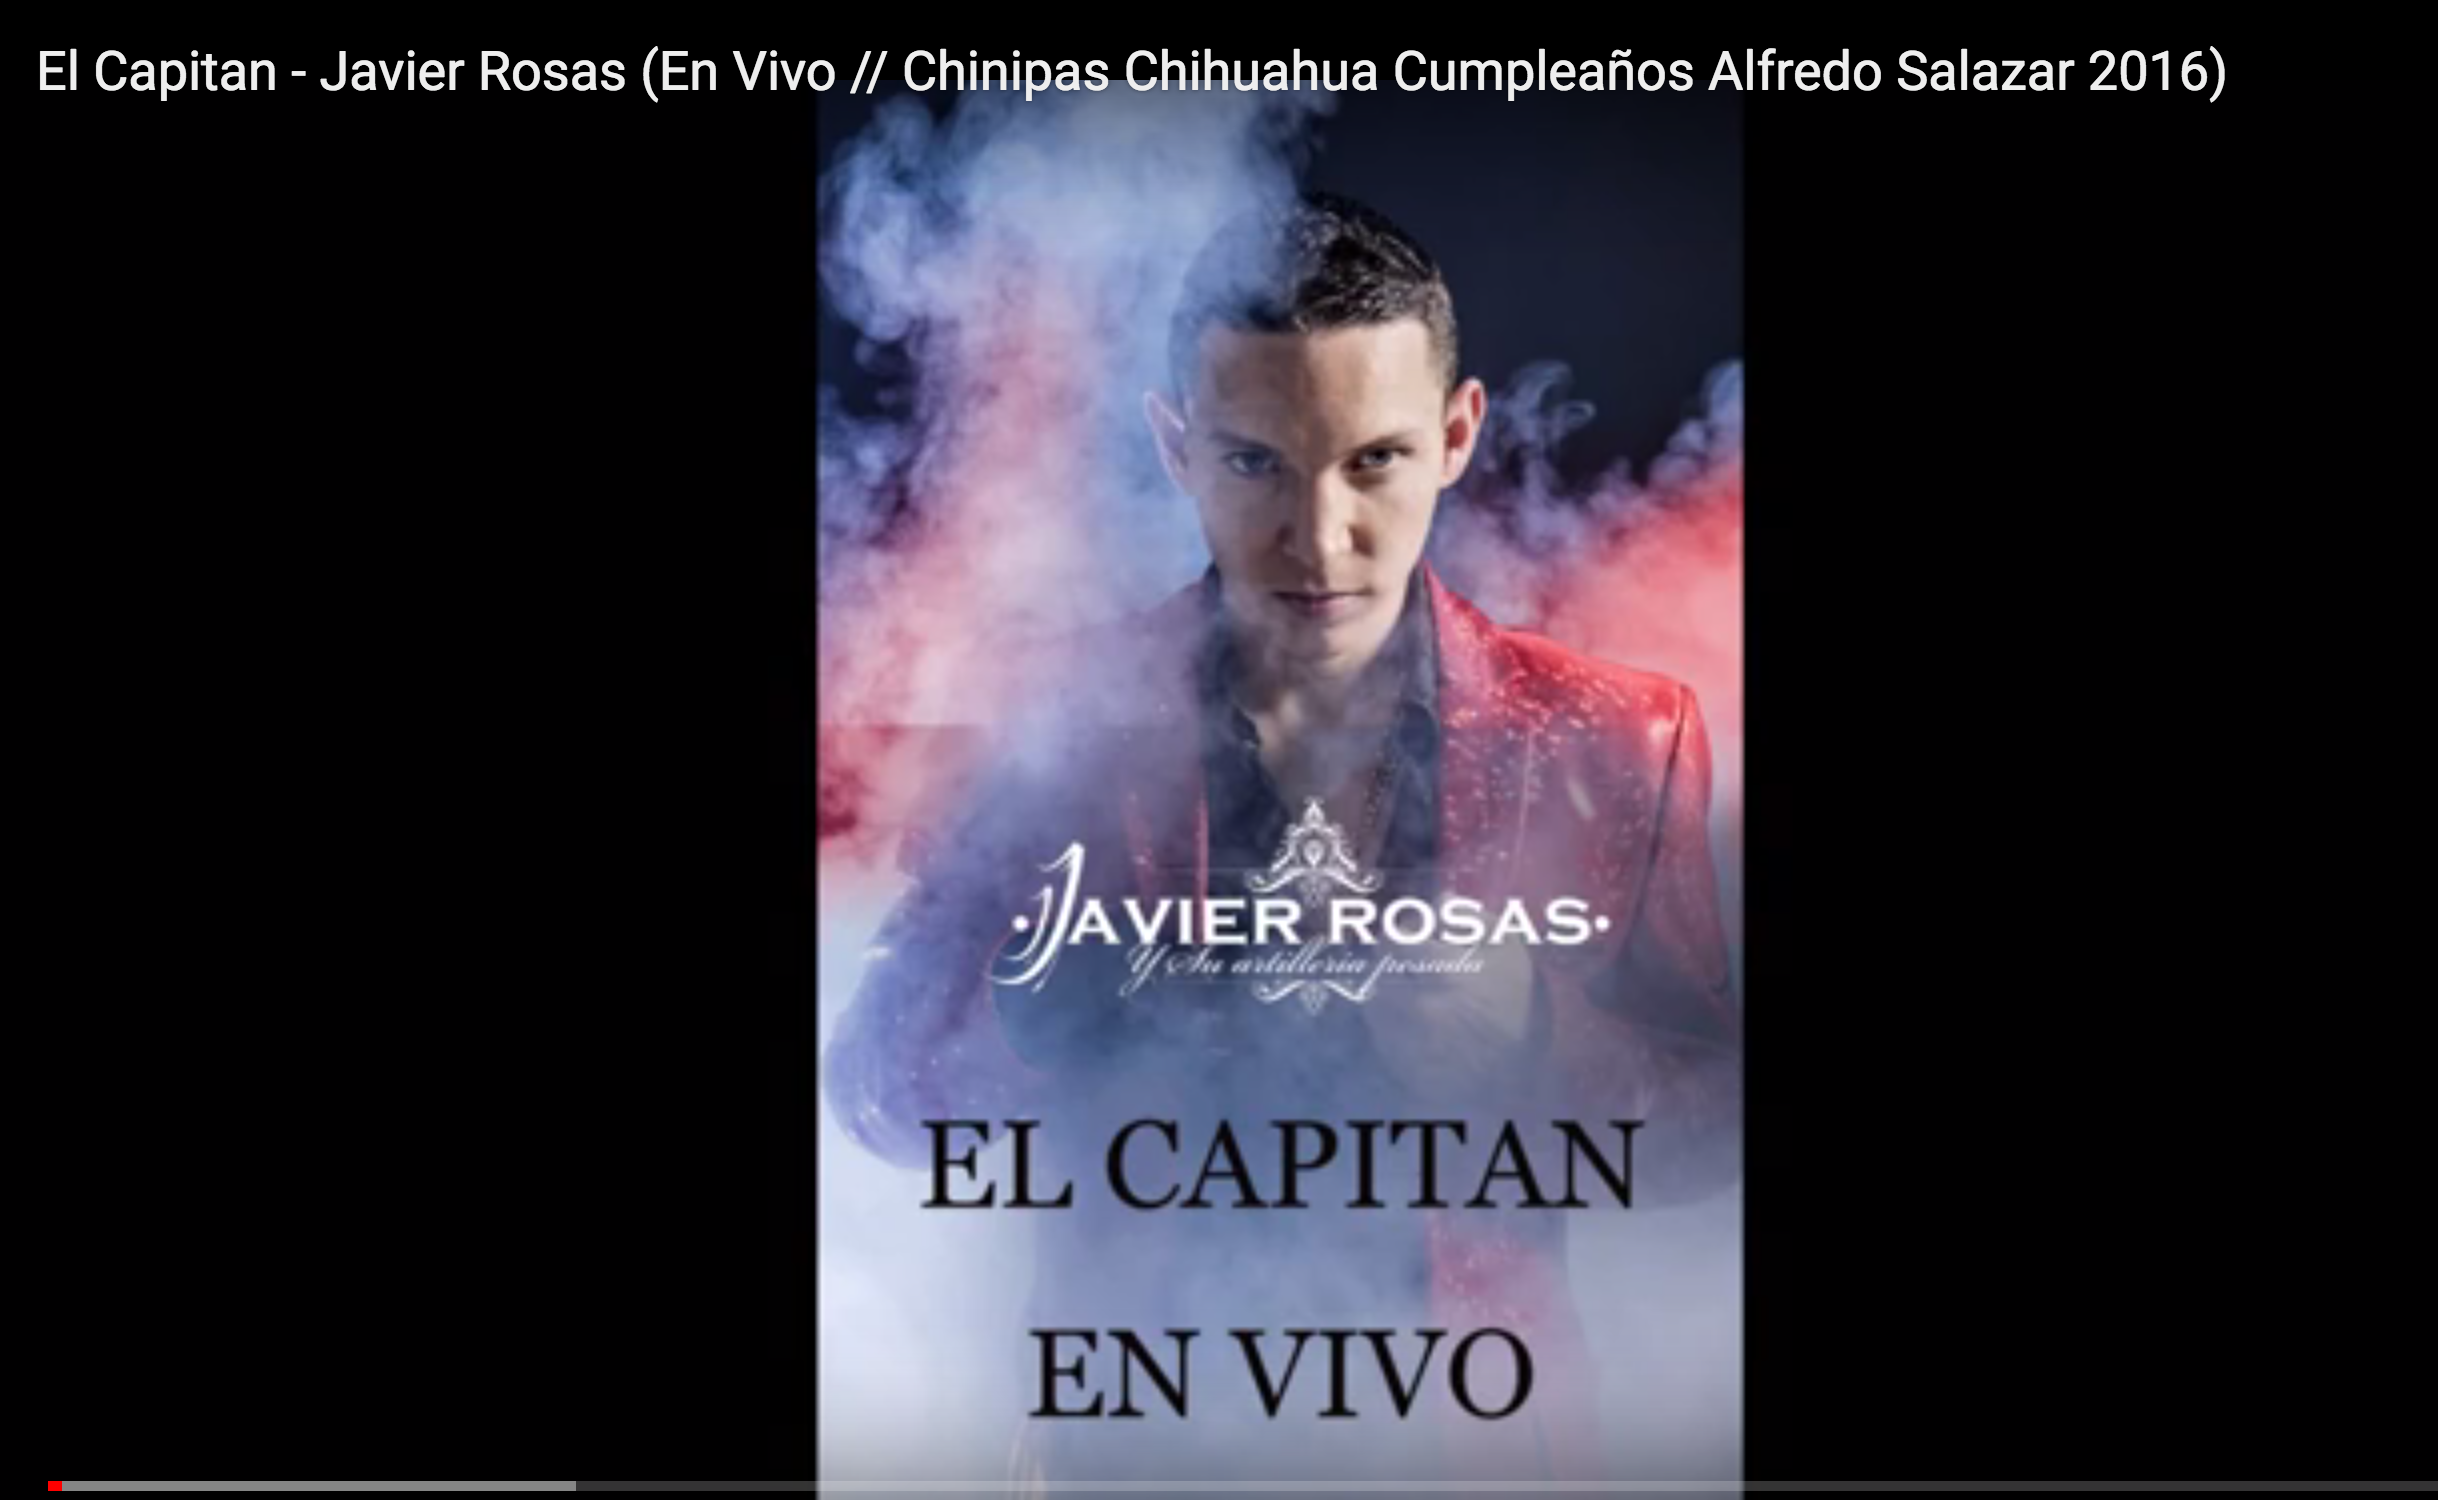 3. Javier Rosas en el cumpleaños de Alfredo Salazar.